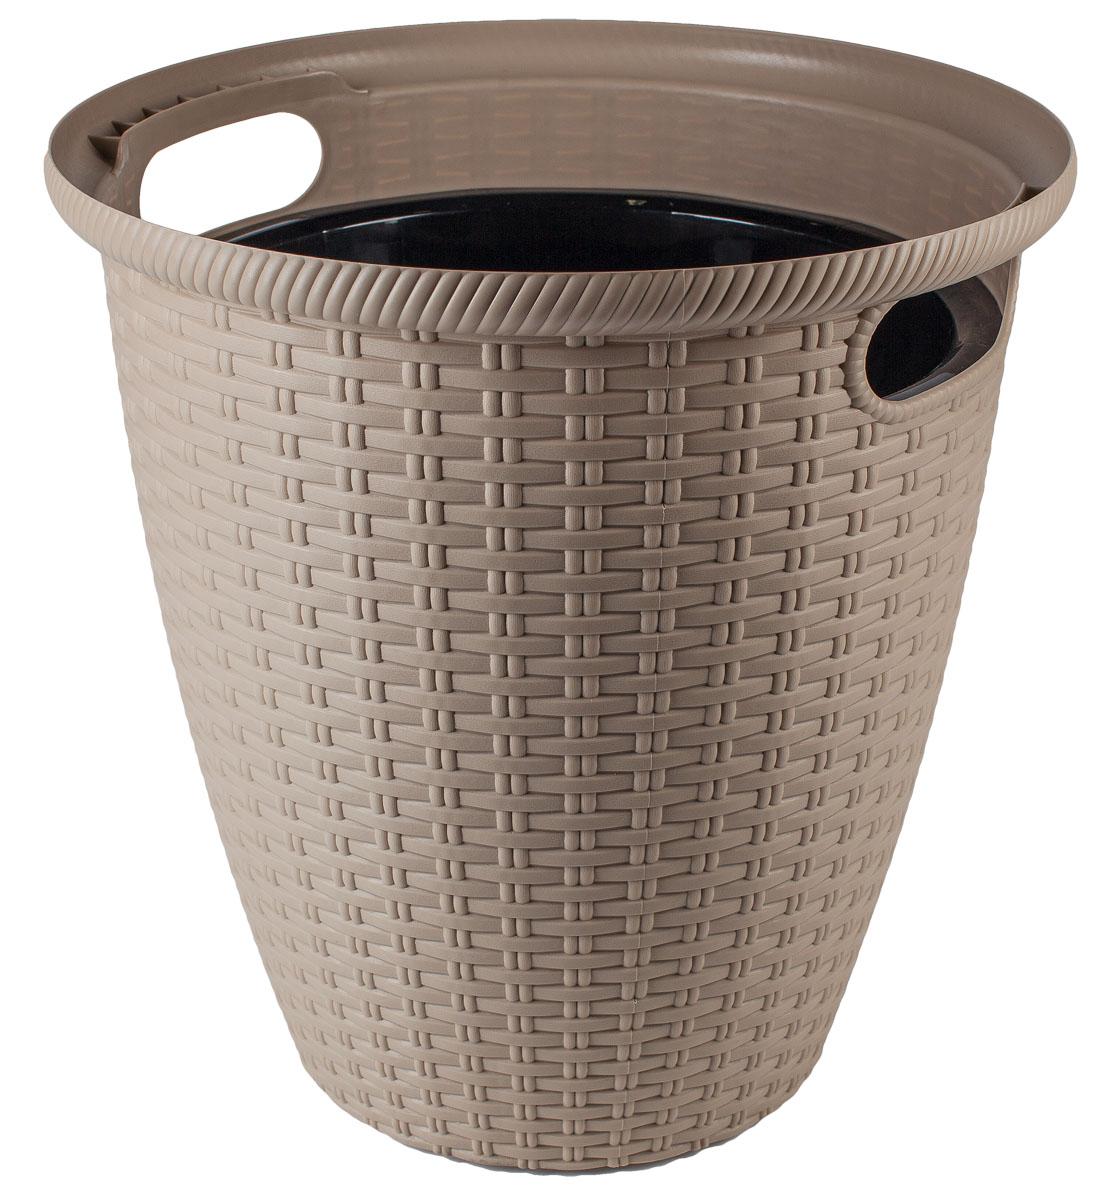 Кашпо InGreen Ротанг, напольное, цвет: шоколадный, диаметр 38 см302943Кашпо InGreen Ротанг изготовлено из высококачественного пластика с плетеной текстурой. Такое кашпо прекрасно подойдет для выращивания растений и цветов в домашних условиях. Лаконичный дизайн впишется в интерьер любого помещения. Размер кашпо: 38 х 38 х 37,8 см.